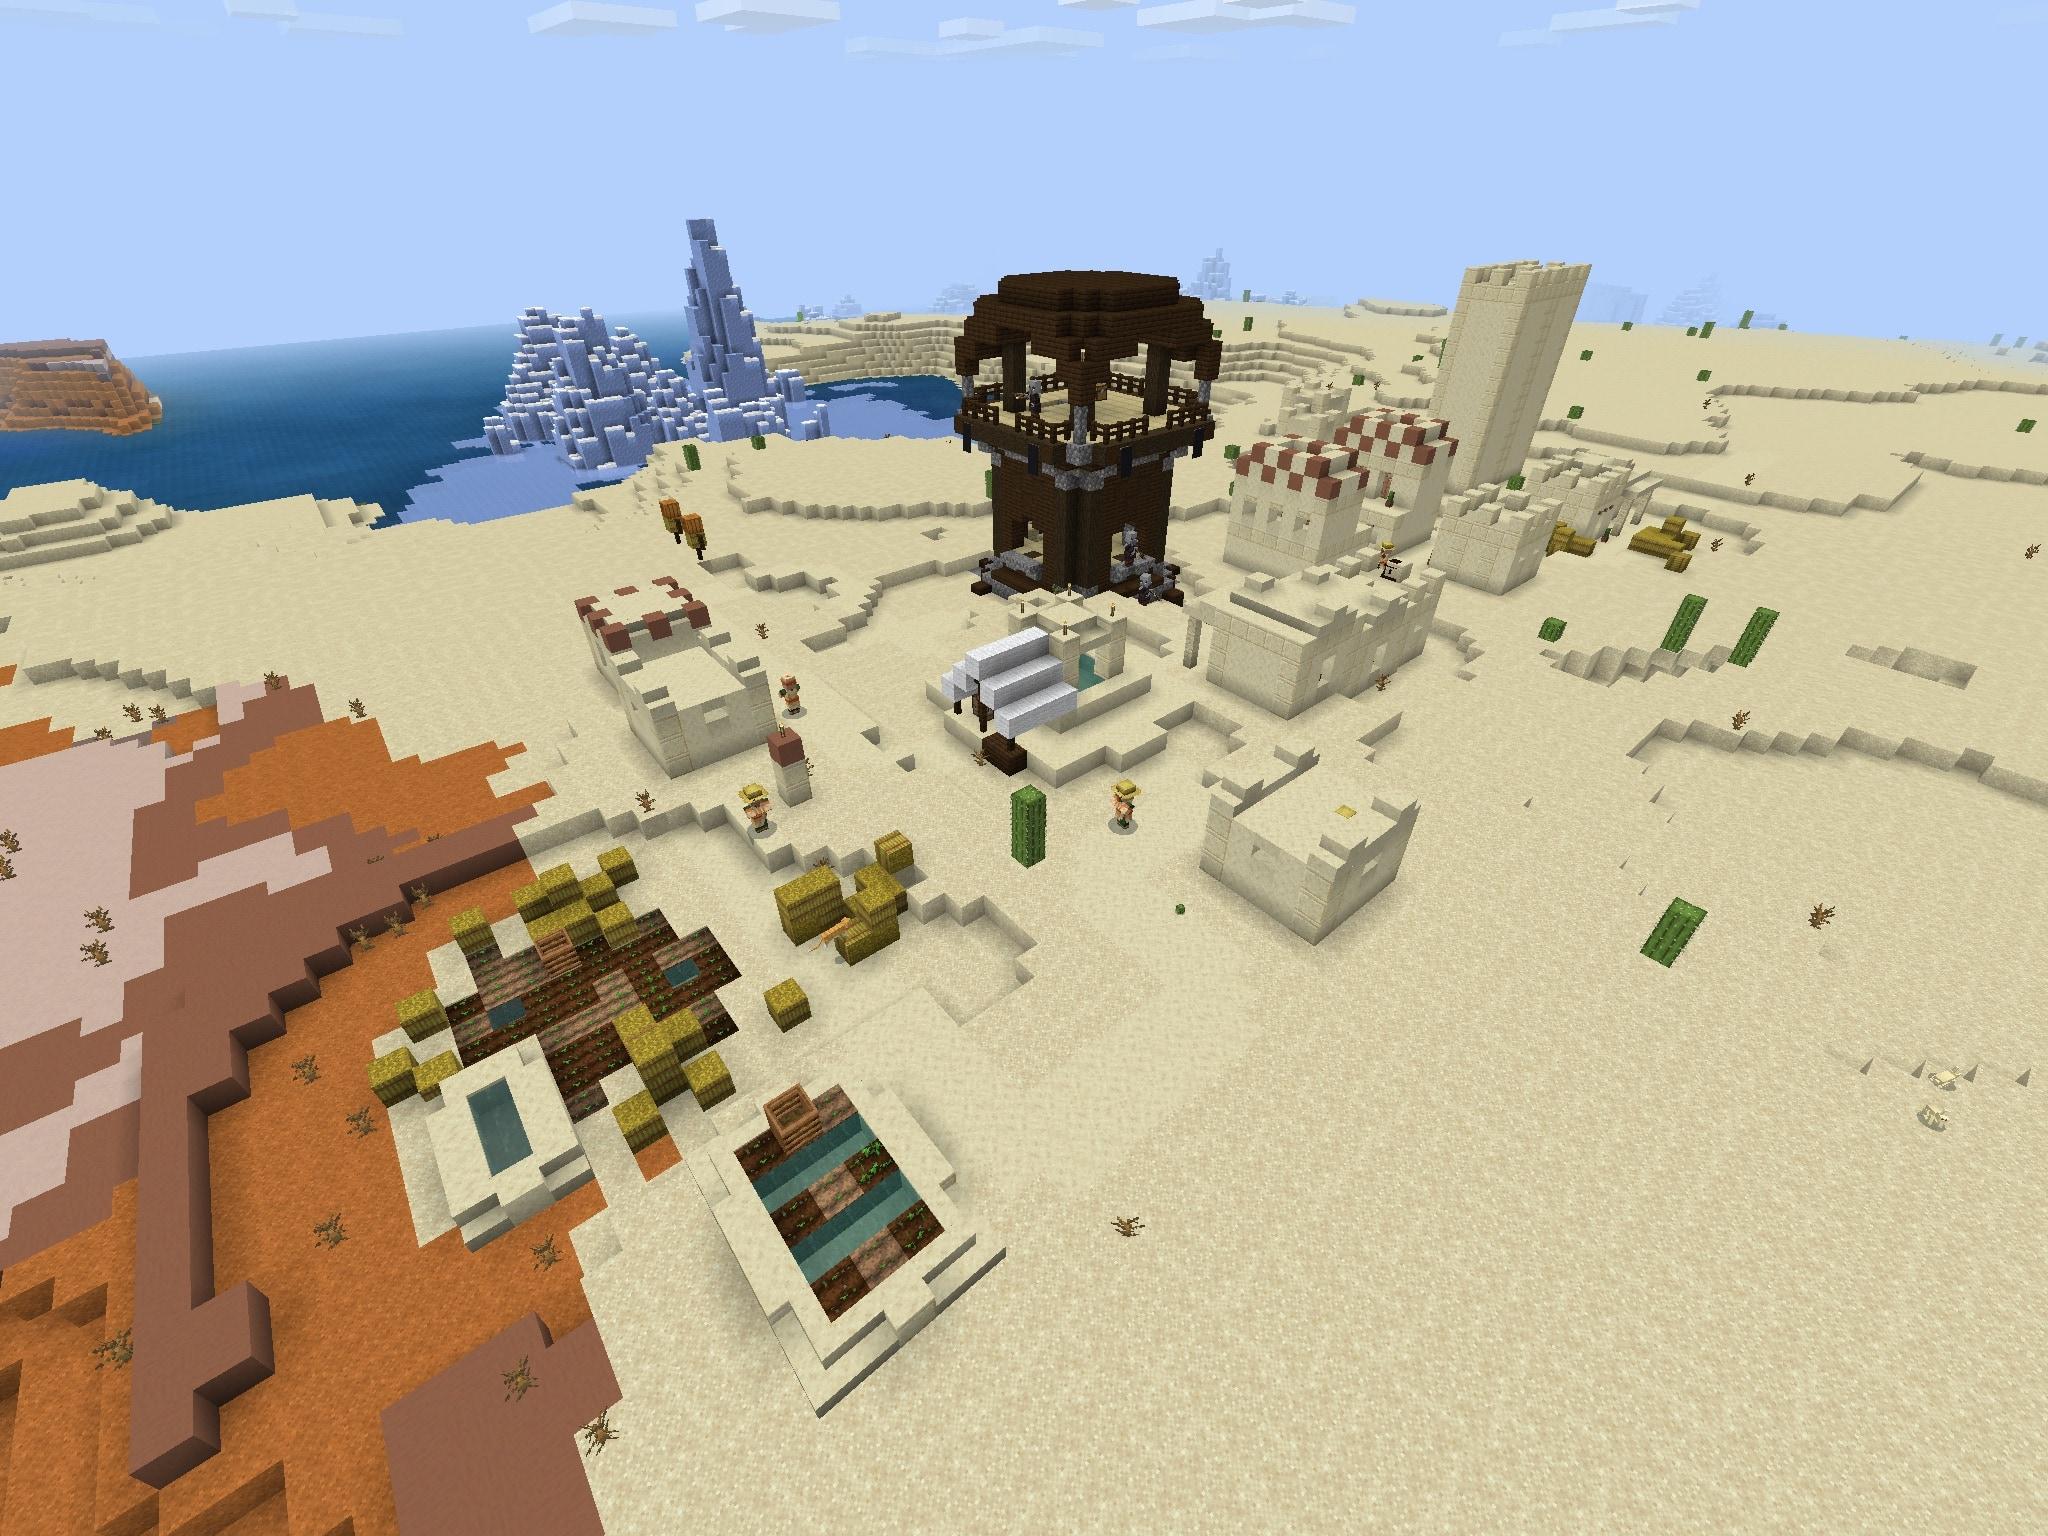 PE/Bedrock Pillager Outpost Seed + Village, Badlands [1 10